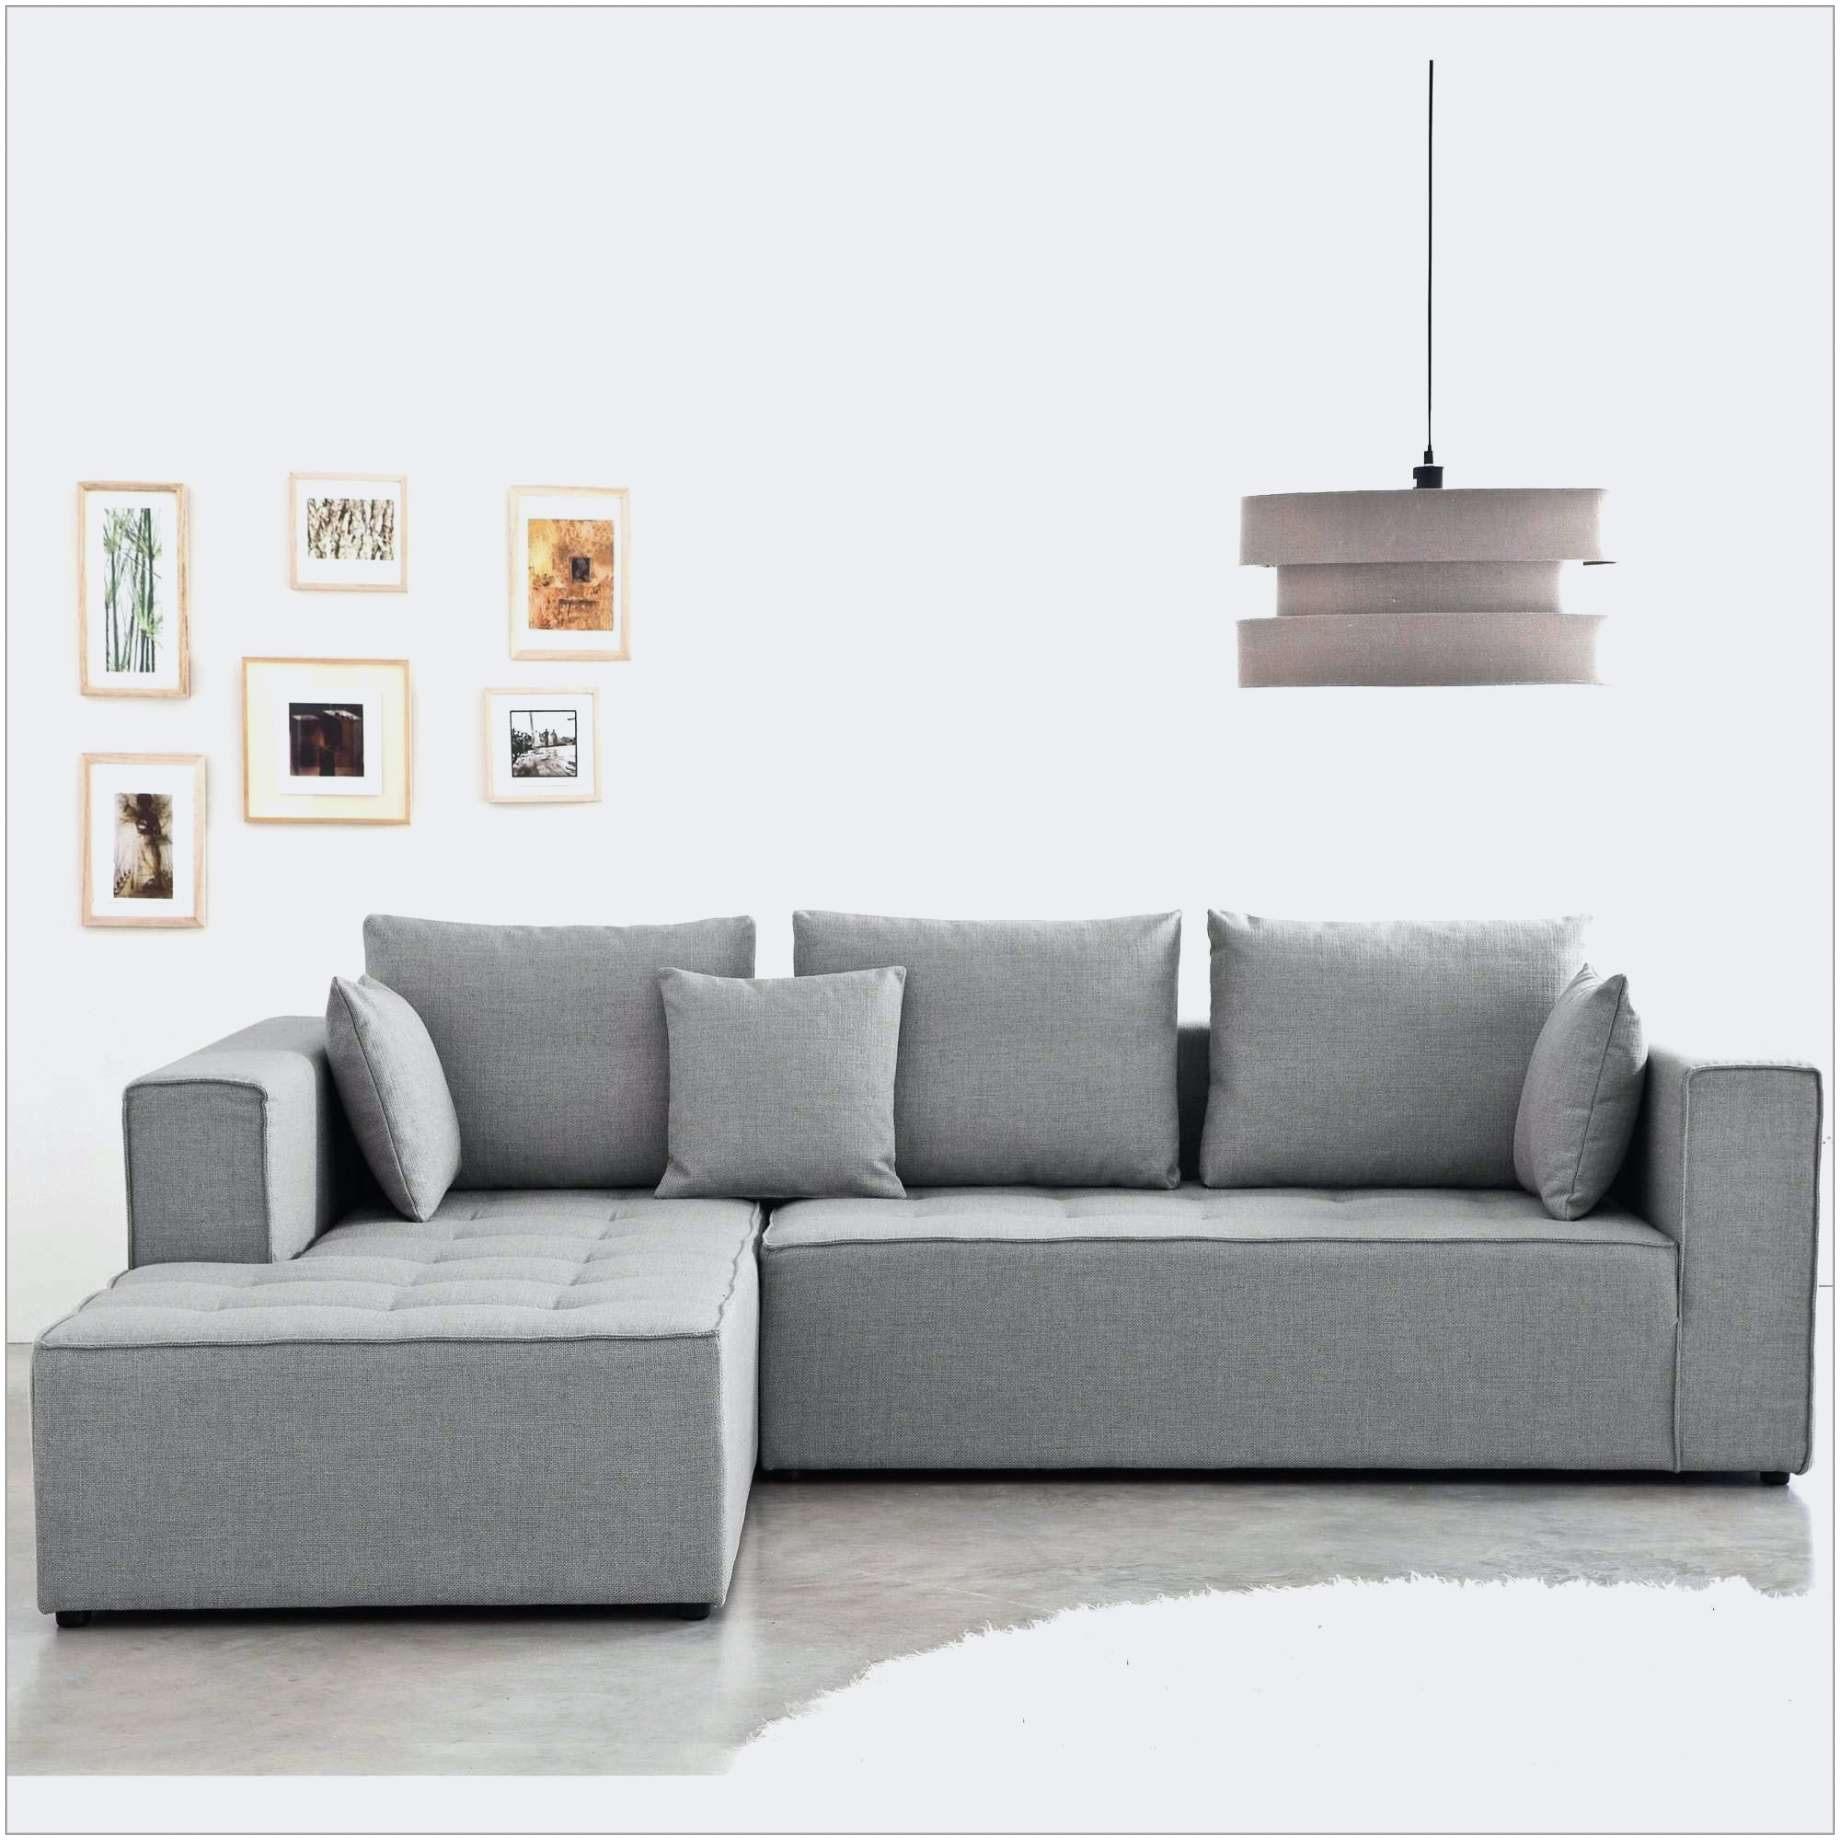 Ikea Canapé Lit Charmant Frais Canapé Sur Pied — Puredebrideur Pour Meilleur Canapé Lit